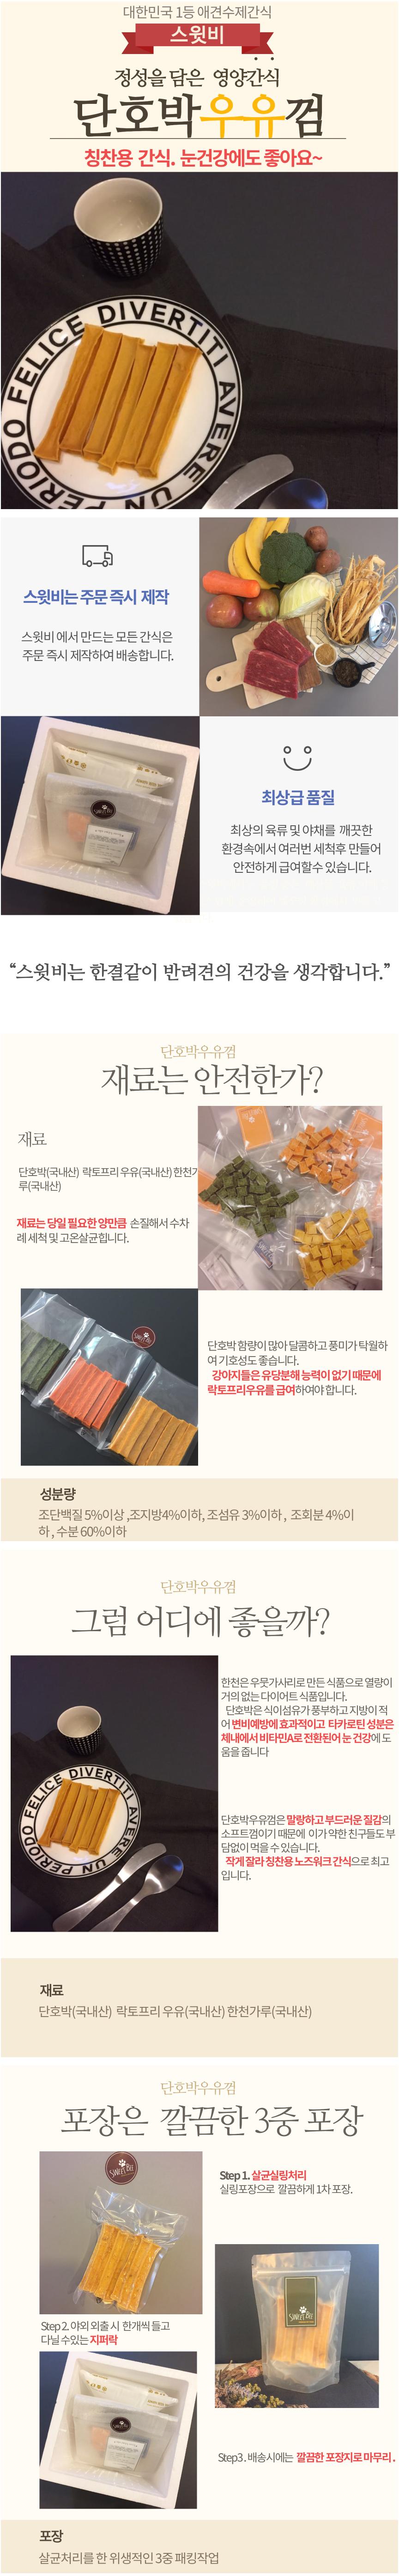 스윗비 강아지 수제간식 단호박 우유껌 7pcs - 스윗비, 6,500원, 간식/영양제, 수제간식